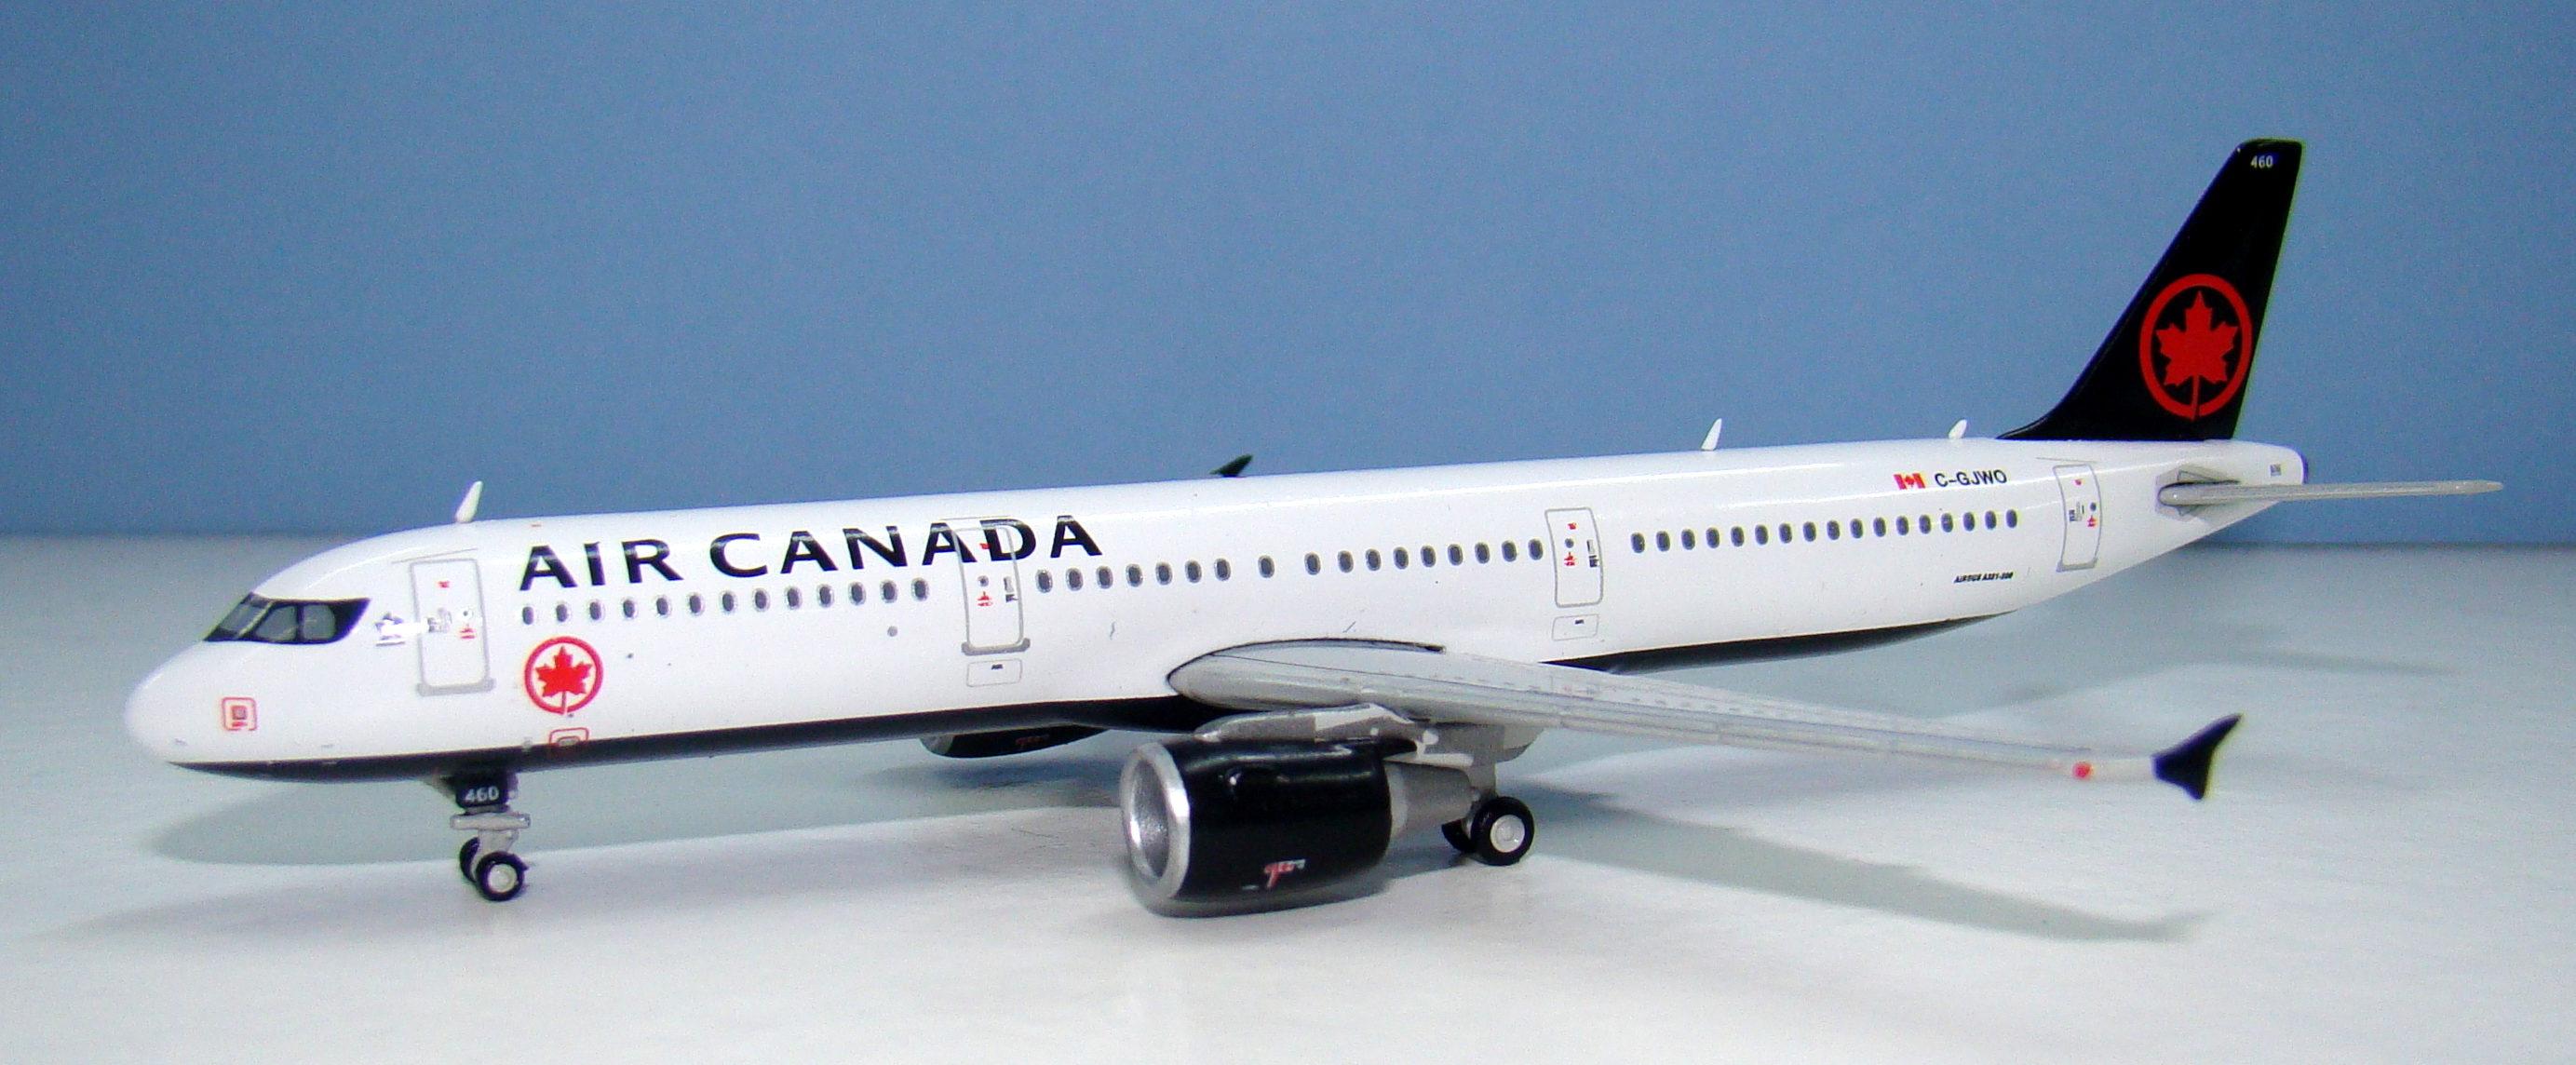 Air Canada Airbus A321 C-GJWO